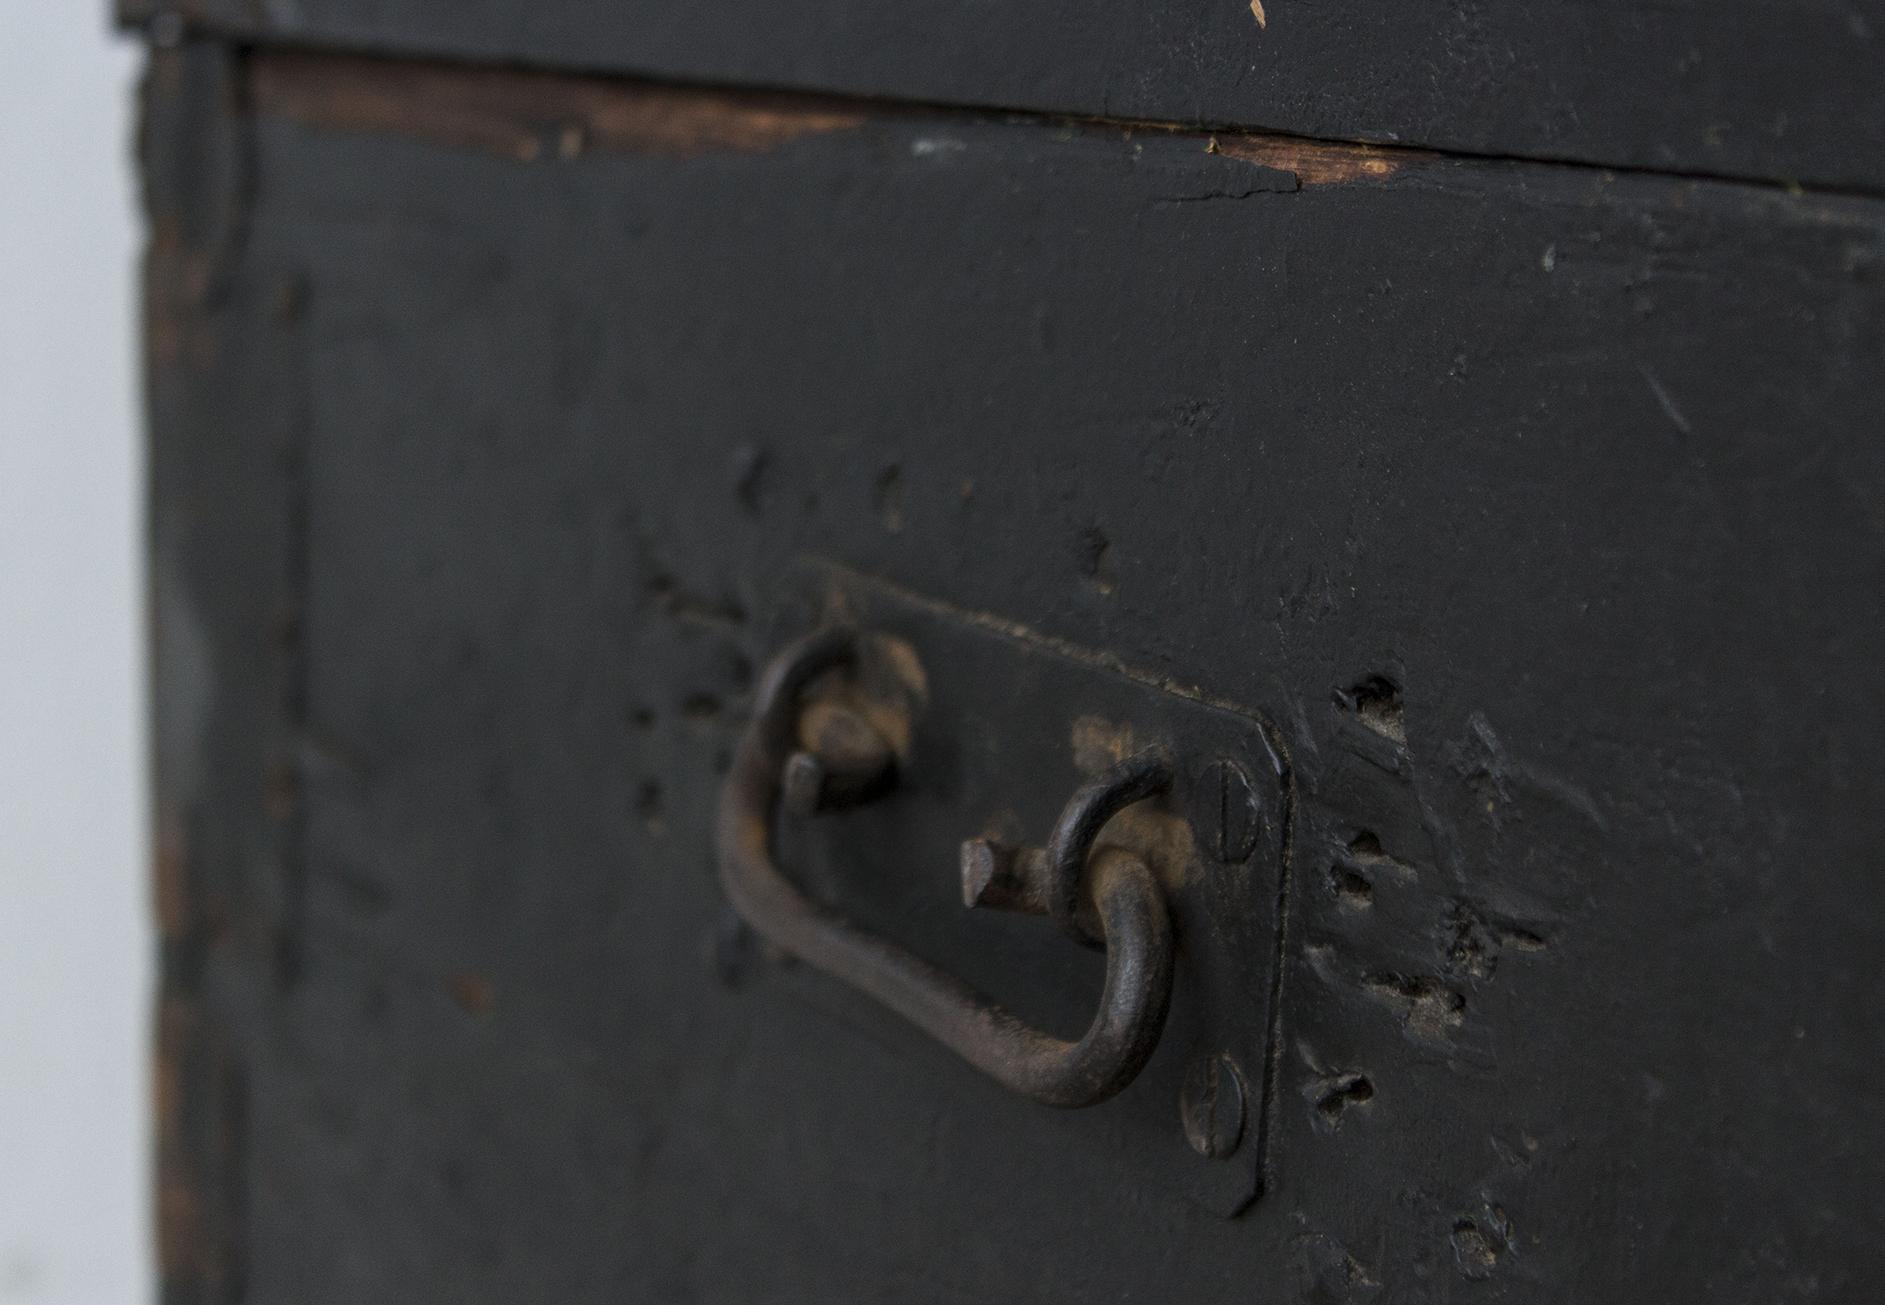 5044 - Zwarte vintage kist met bolle deksel - Firma zoethout_2.jpg